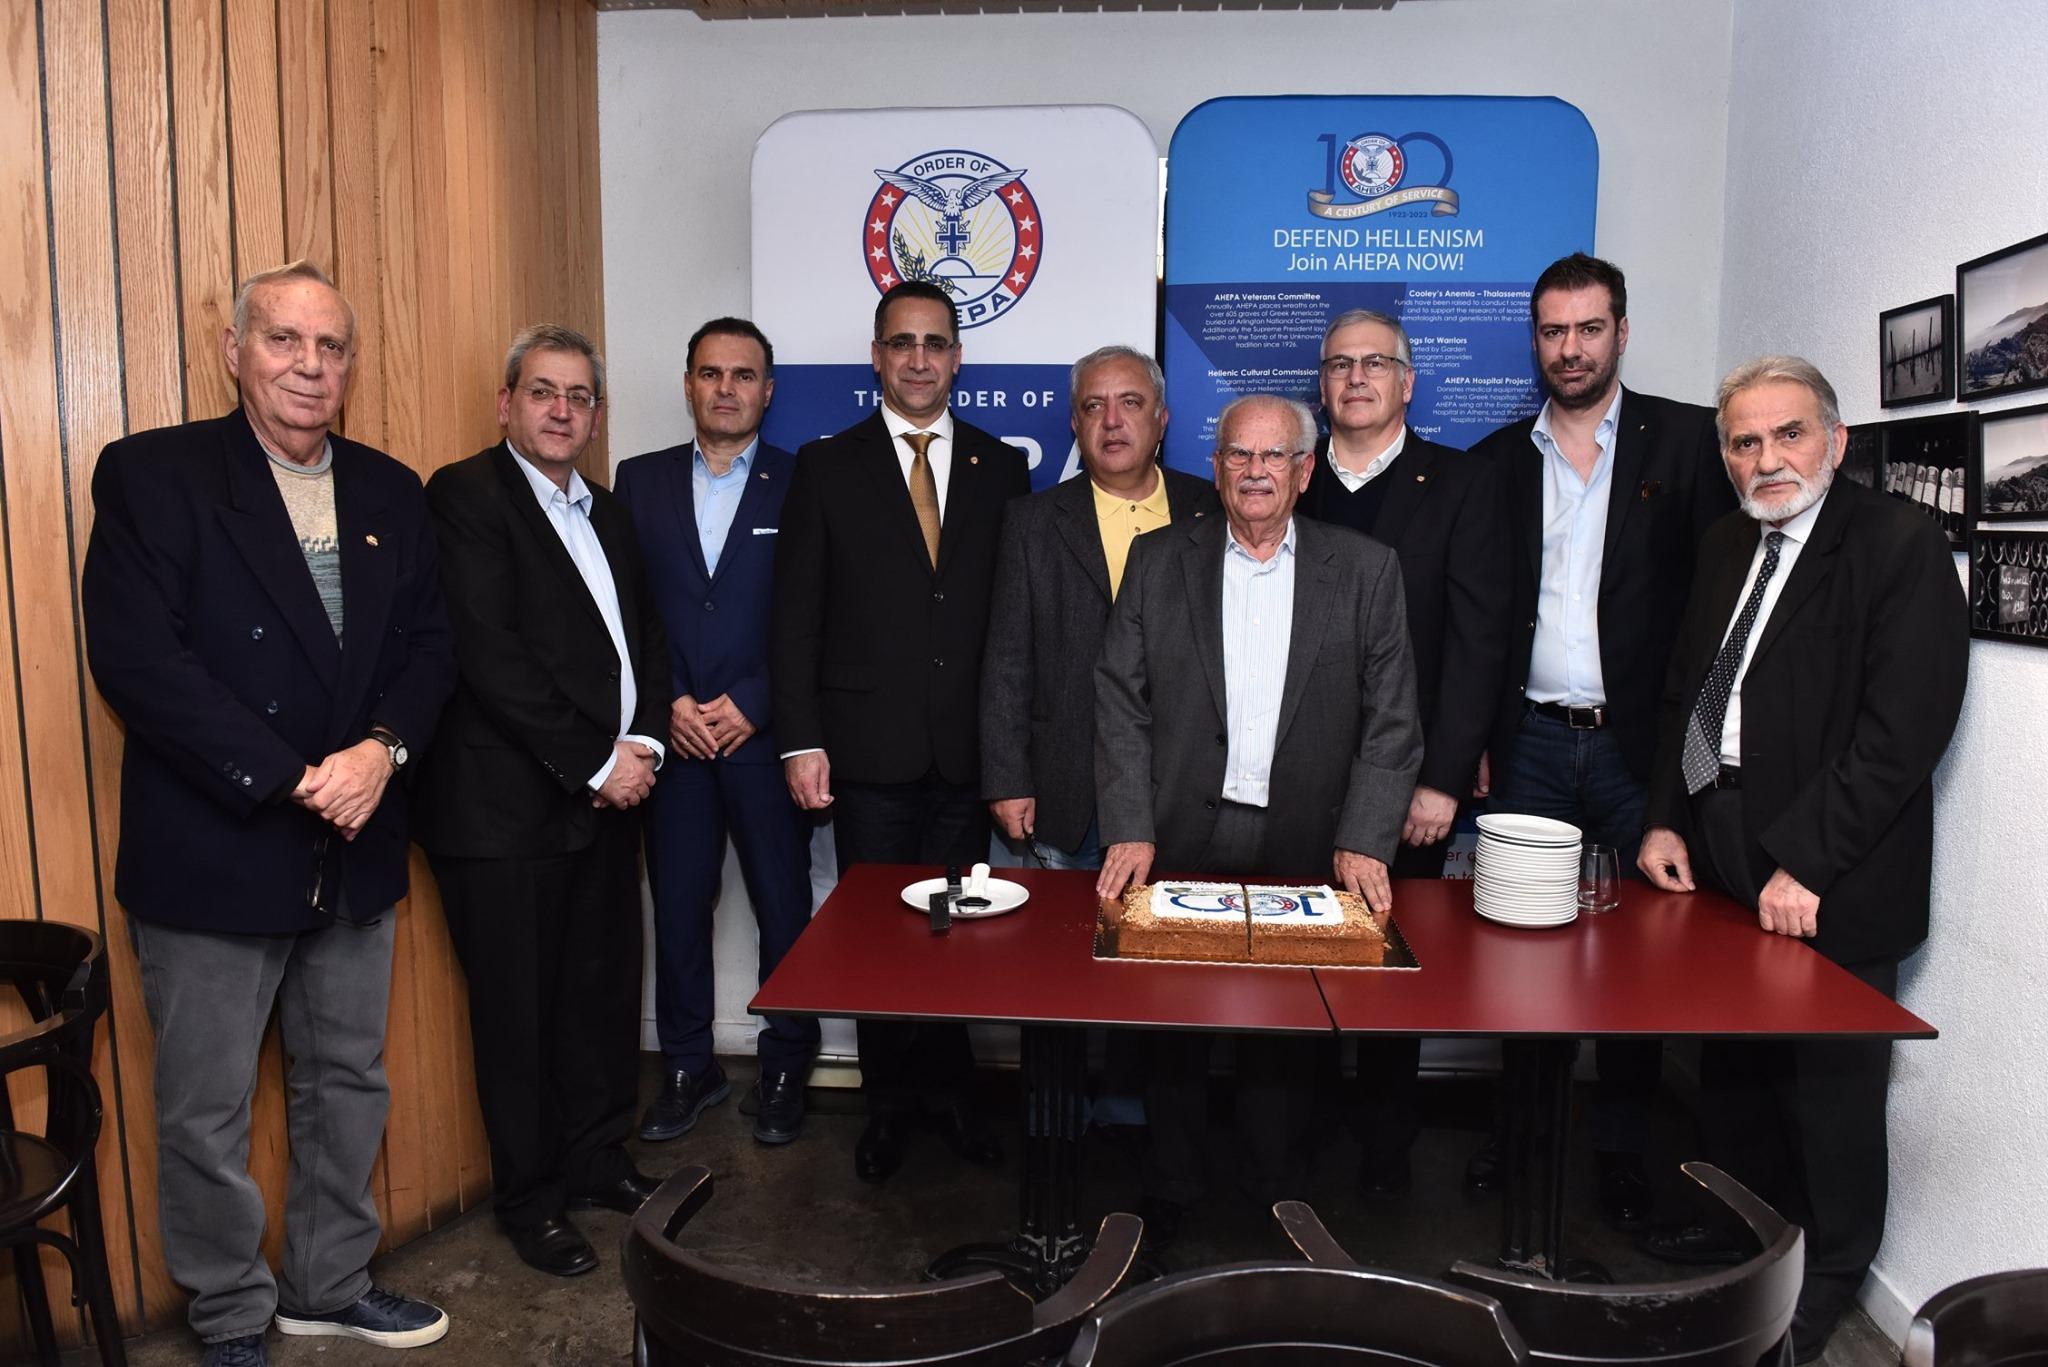 Σε κλίμα αισιοδοξίας για το 2020 έκοψε τη βασιλόπιτά της η οργάνωση AHEPA Κύπρου